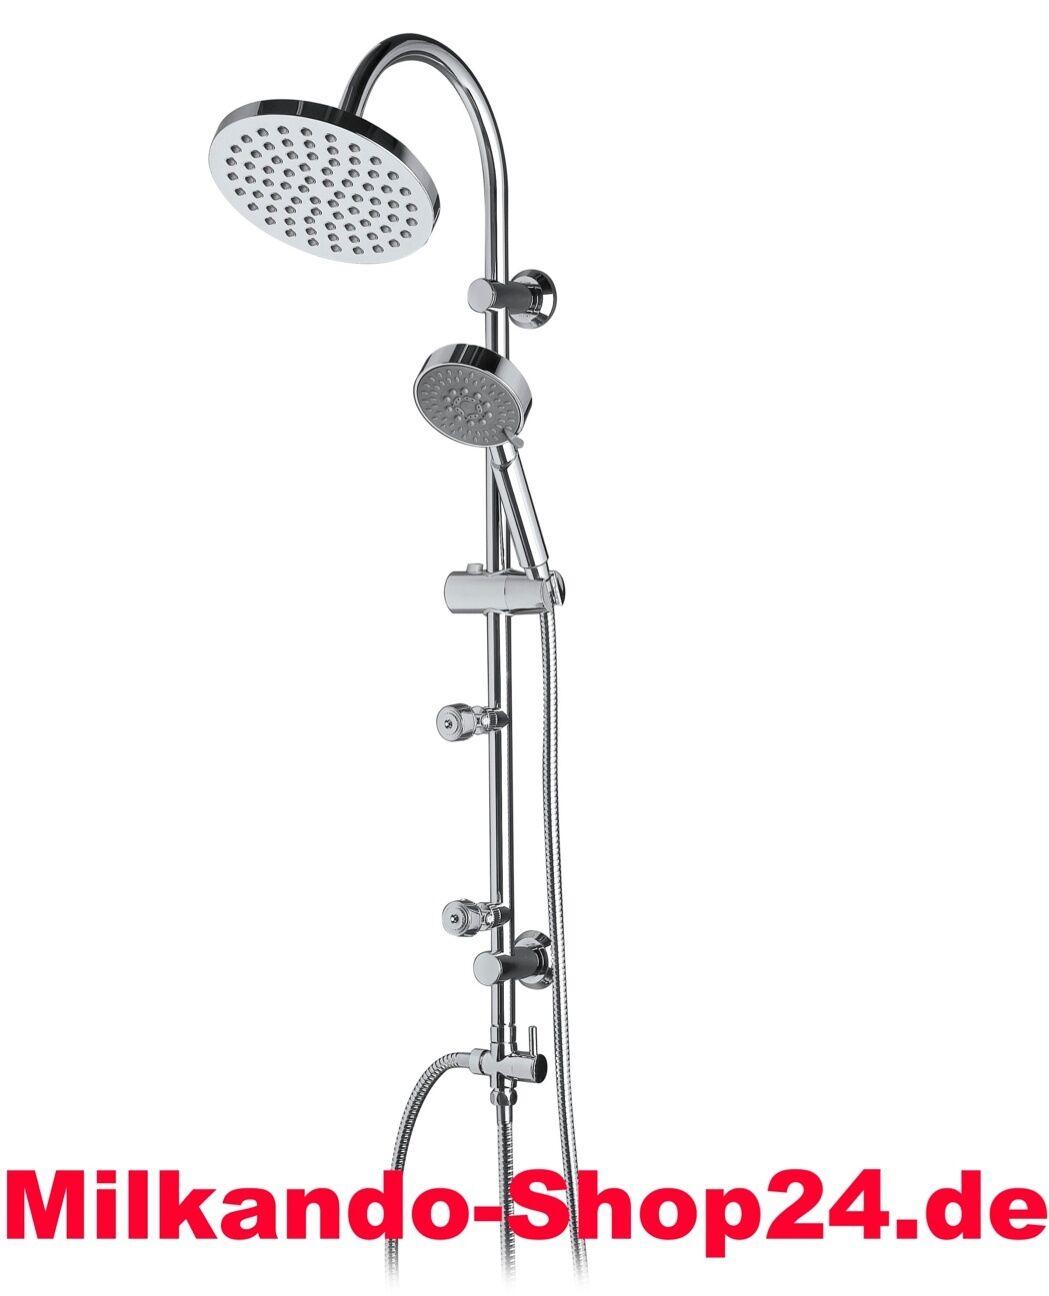 Duschset Duschkopf Duschbrause Duschpaneel Handbrause Regendusche Denis20 | Große Klassifizierung  | Am wirtschaftlichsten  | Jeder beschriebene Artikel ist verfügbar  | Verschiedene Waren